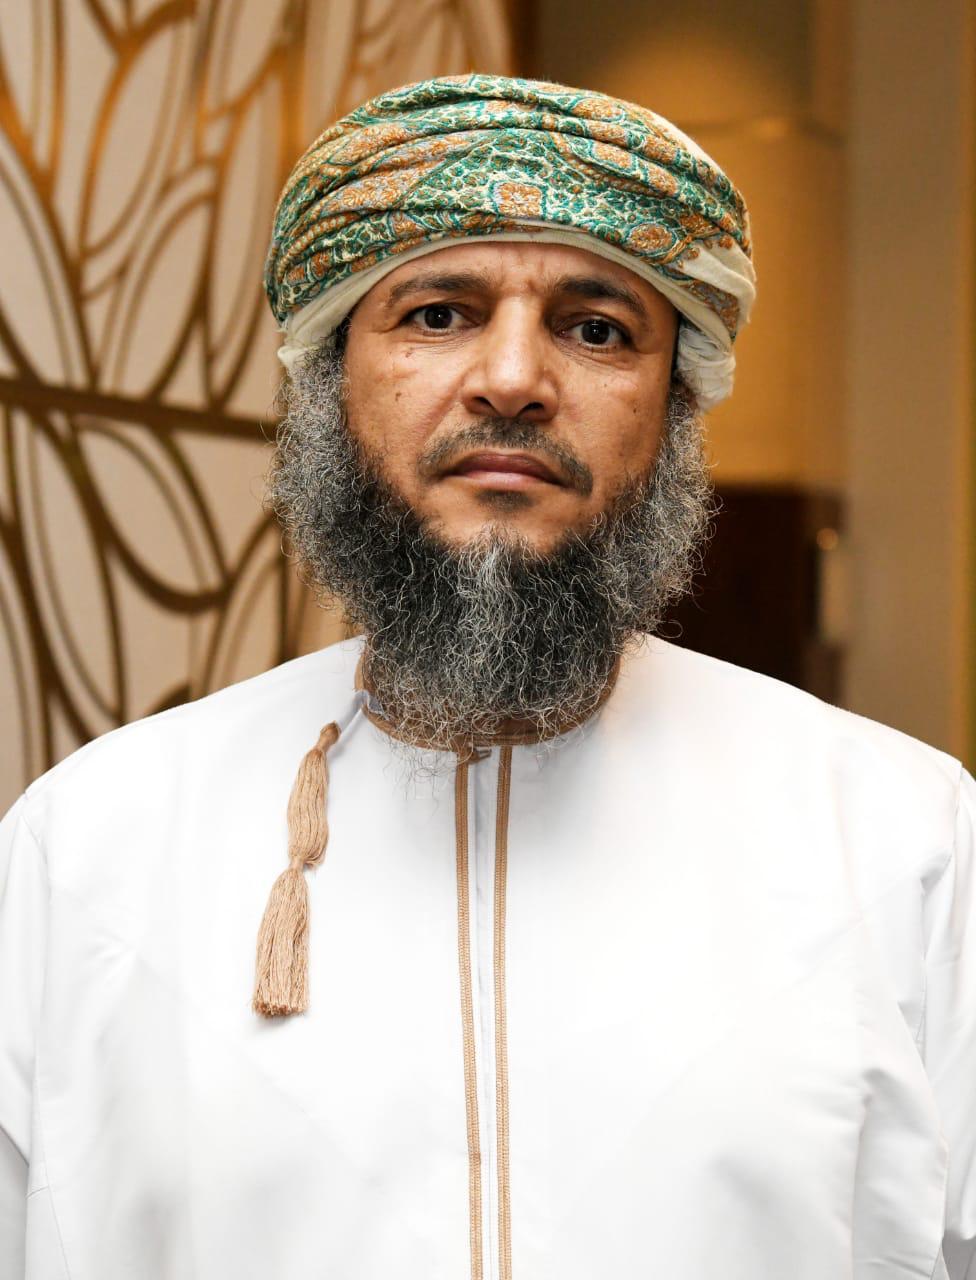 حاكم دبى عن سلطان عمان الجديد خير خلف لخير سلف عرفنا عنه حكمة